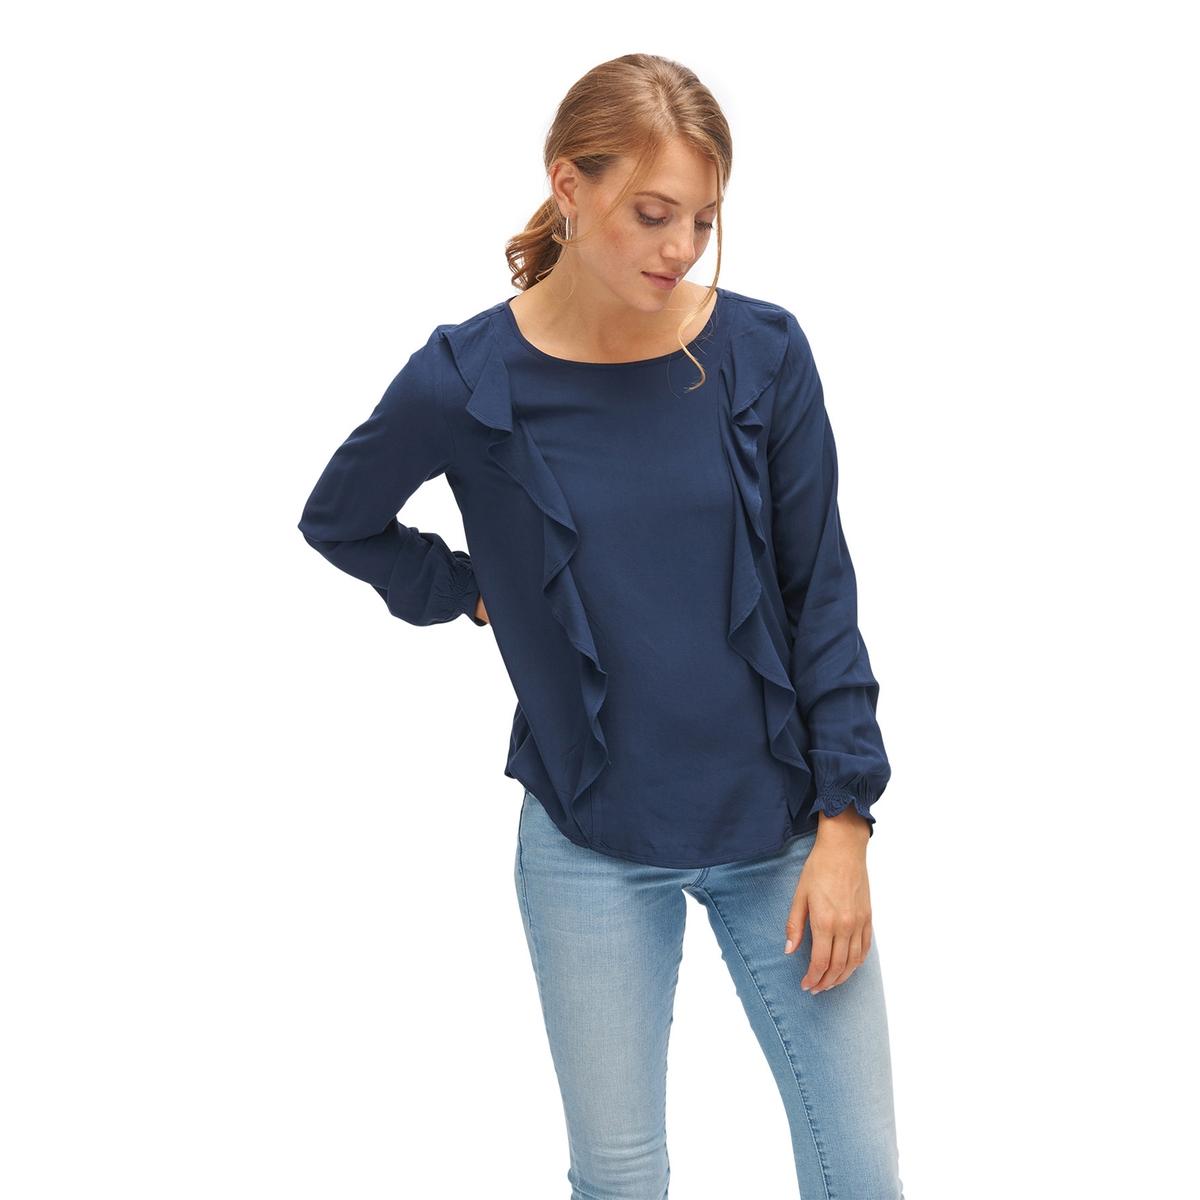 Блузка с круглым вырезом, рисунком и длинными рукавами blazer sir raymond tailor пиджаки и жакеты длинные